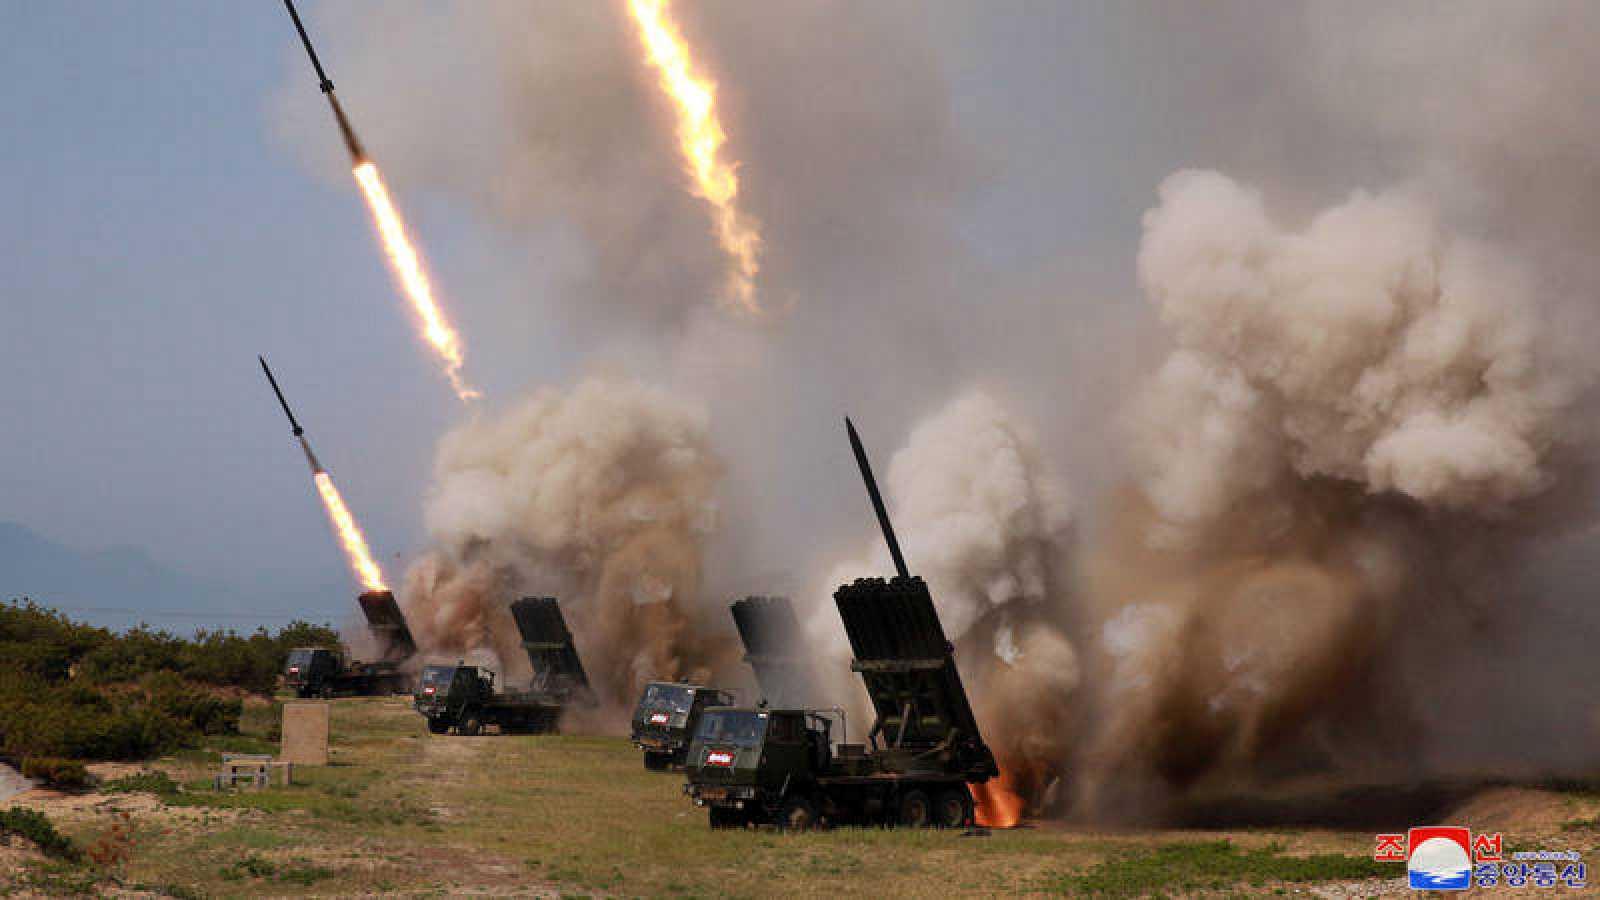 La nueva maniobra militar se produce en pleno atasco de las negociaciones sobre desnuclearización.